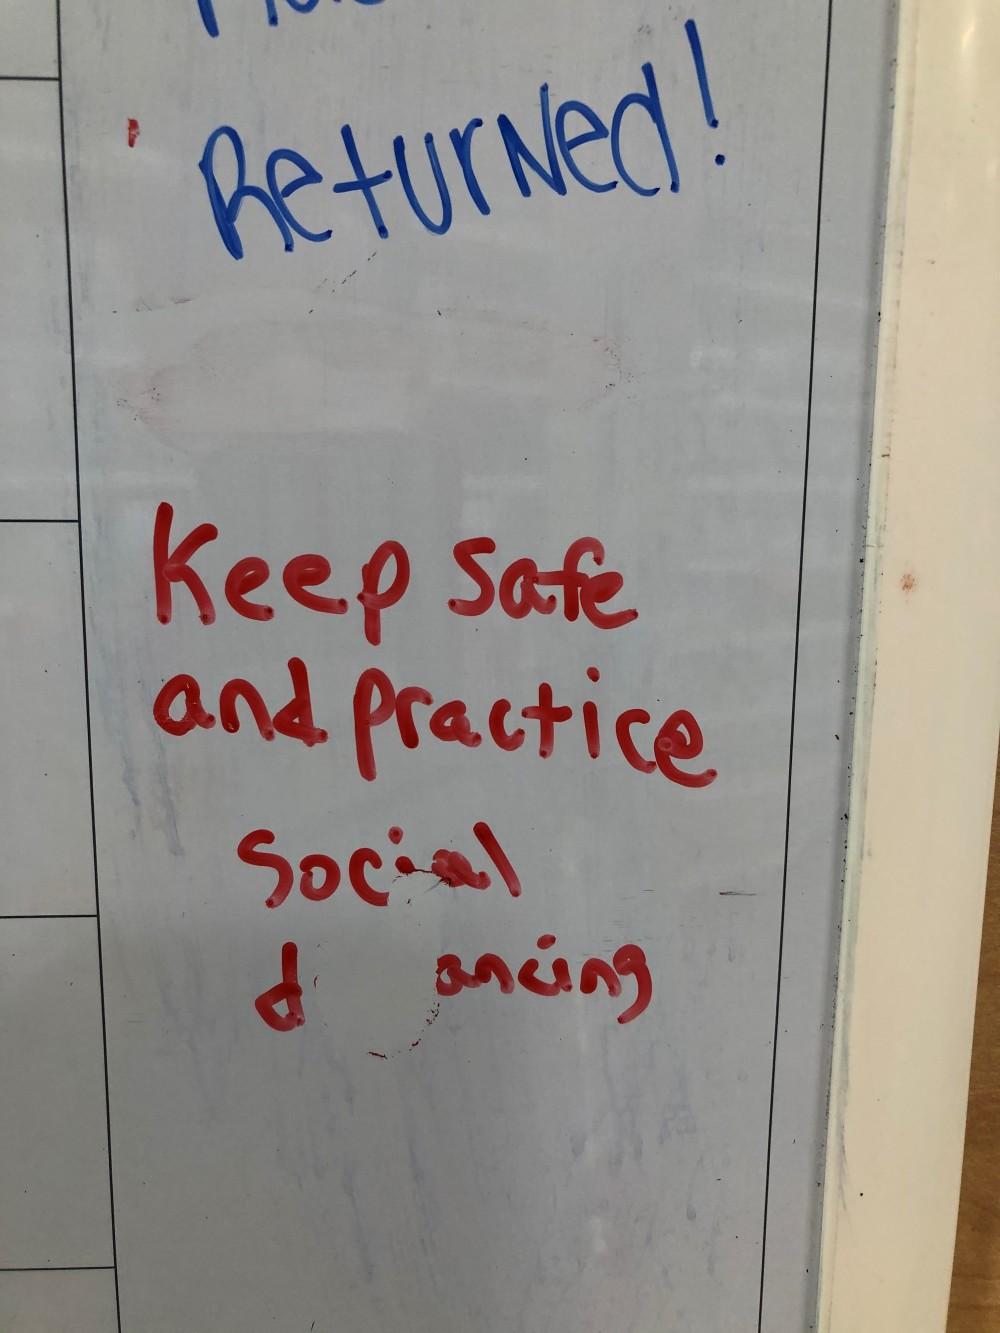 Practice Social Dancing